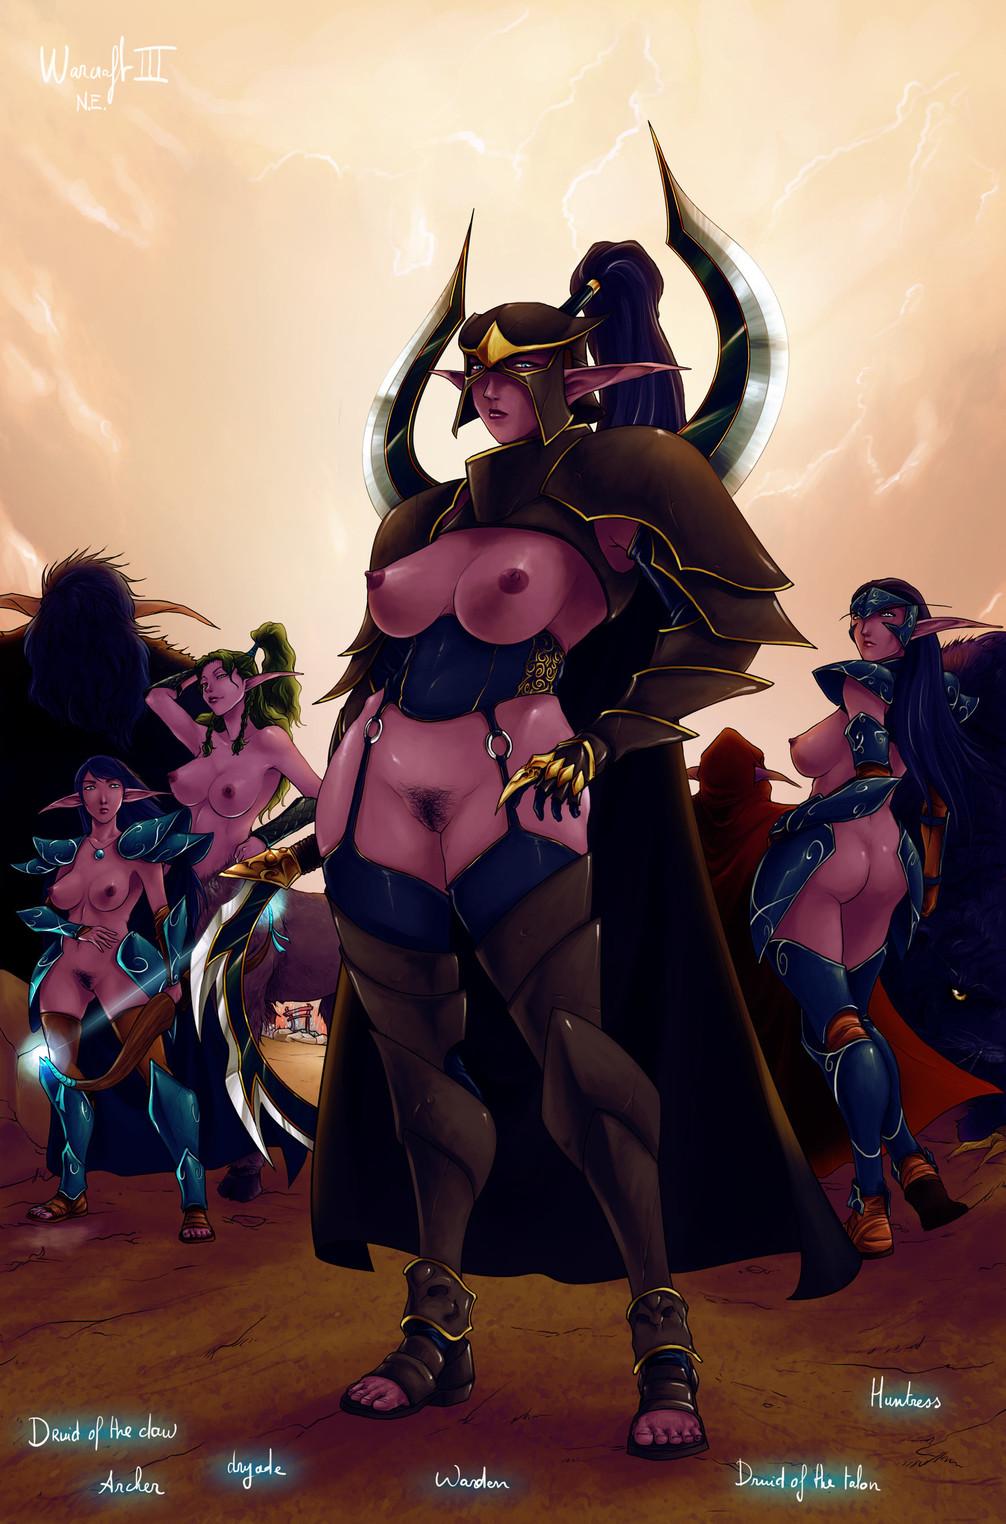 dragon warcraft world porn of Re zero kara hajimeru isekai